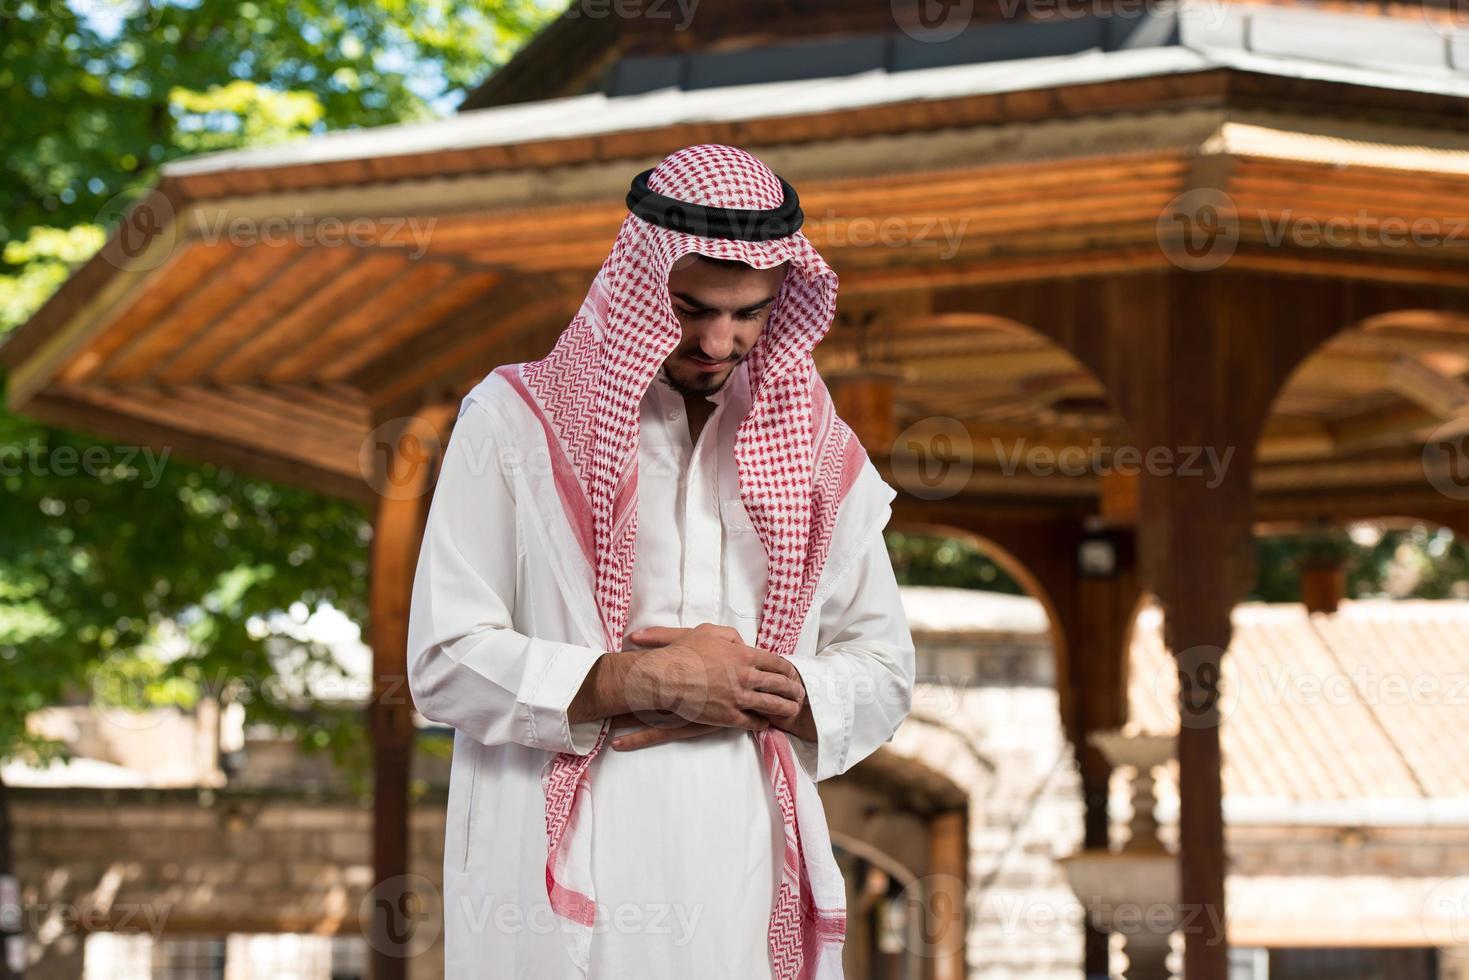 nederig moslimgebed foto